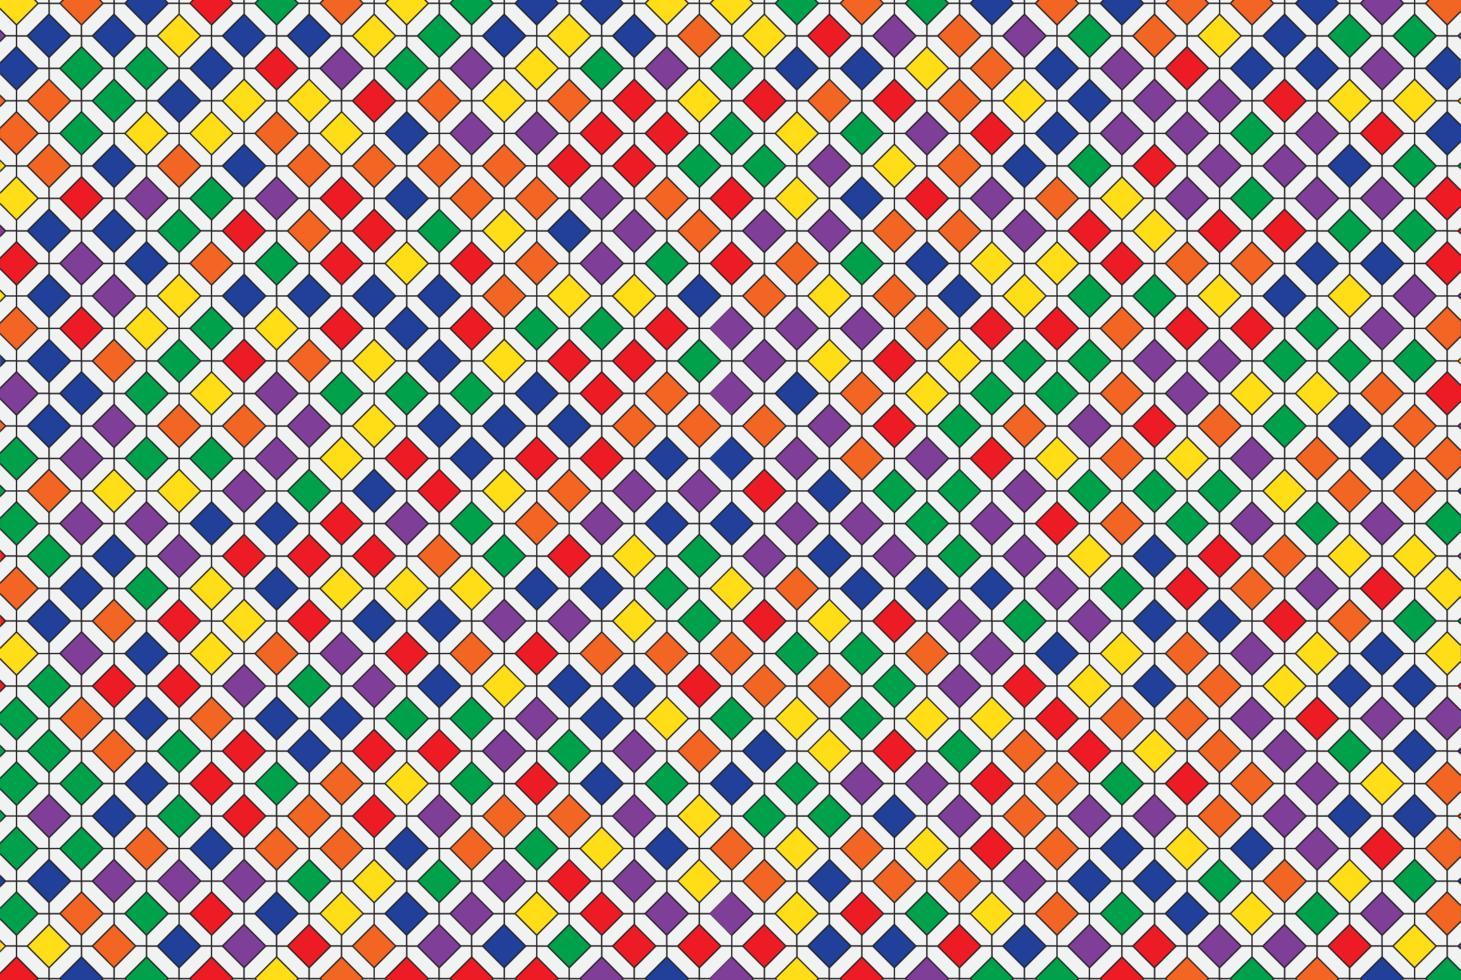 motivo a mosaico geometrico colorato vettore